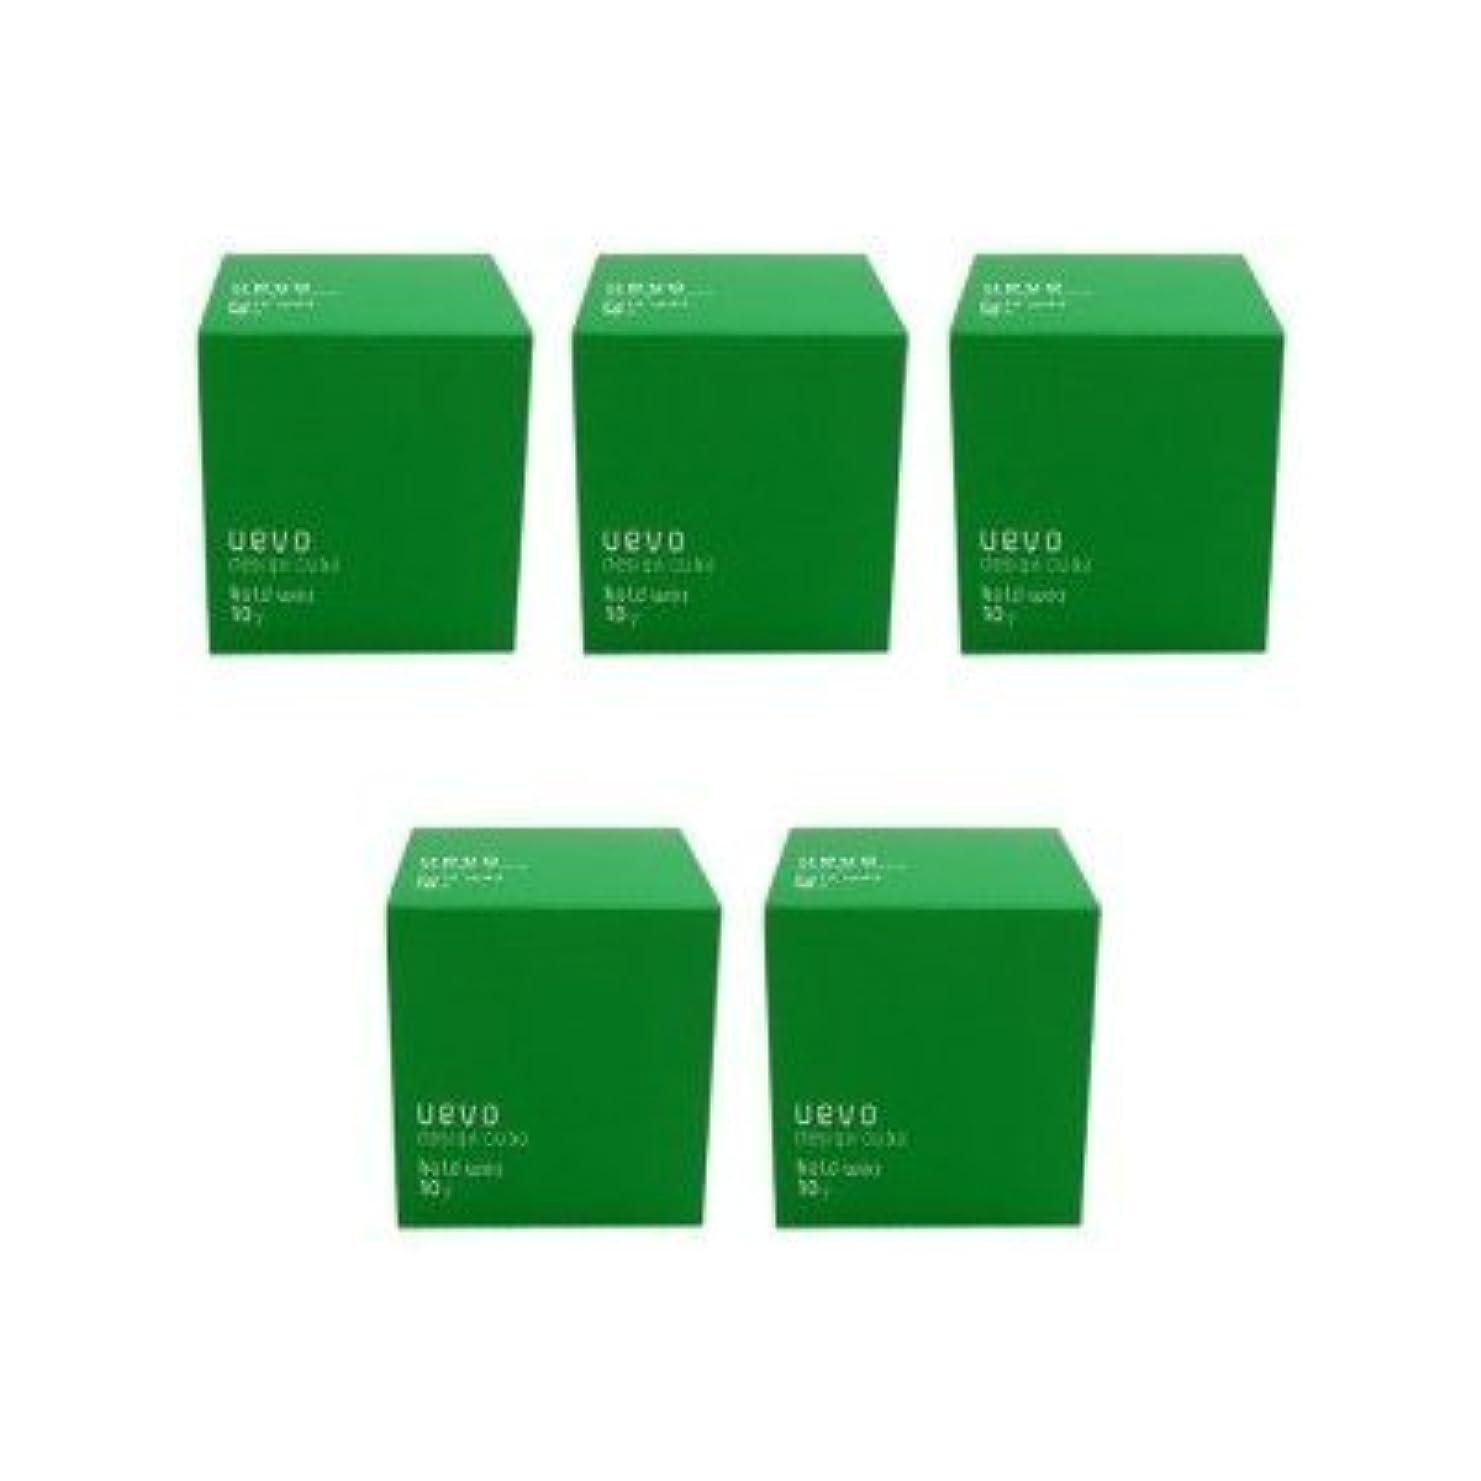 わかるパウダーボーナス【X5個セット】 デミ ウェーボ デザインキューブ ホールドワックス 80g hold wax DEMI uevo design cube